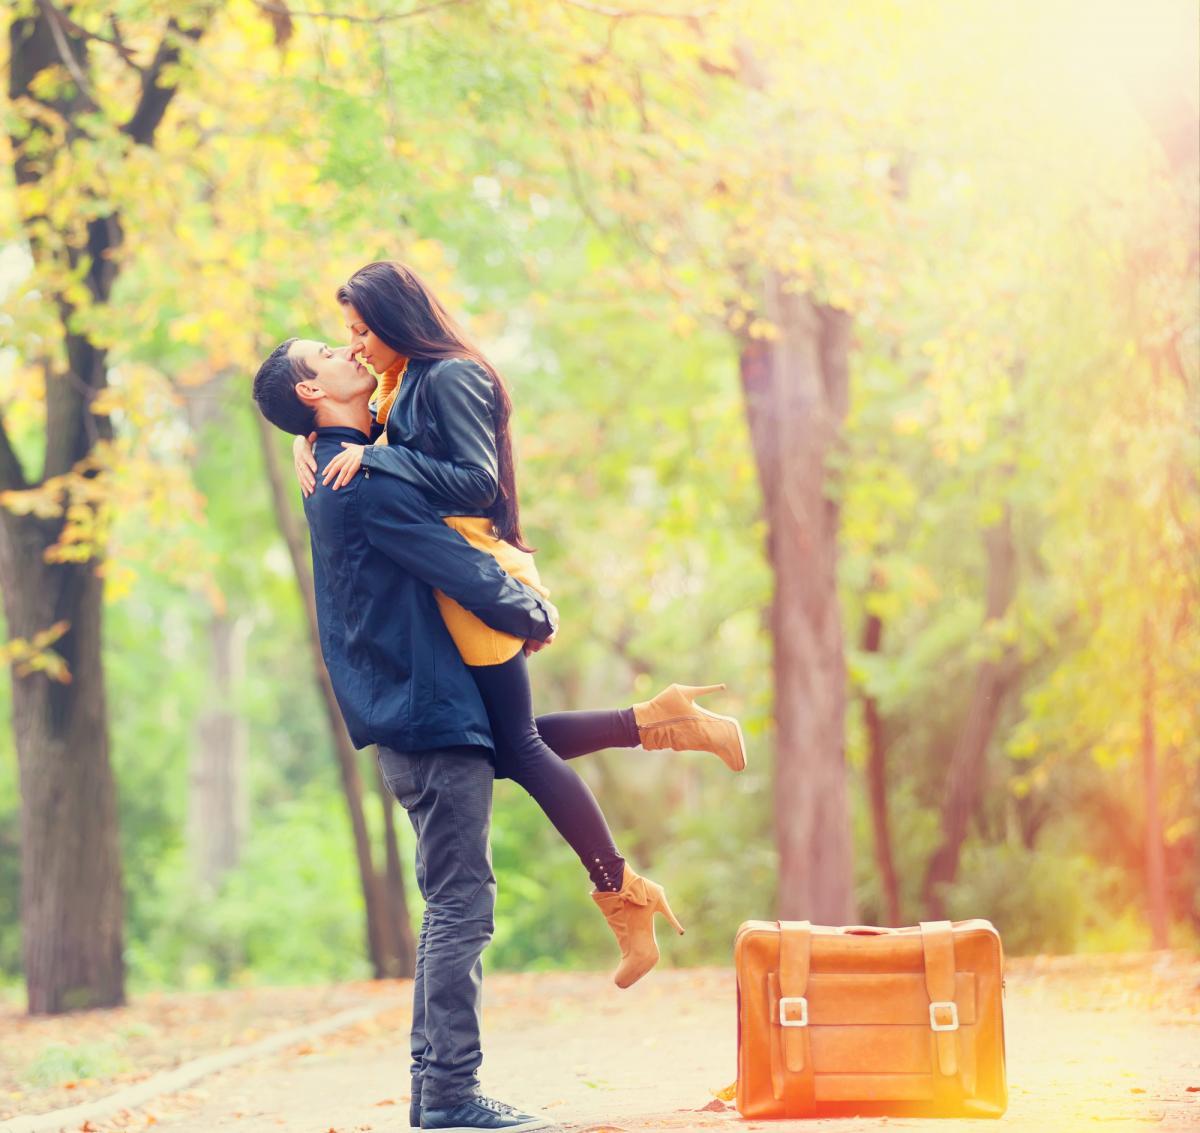 Влюбленность - это всепоглощающее чувство, которое не поддается рациональному анализу \ фото: ua.depositphotos.com